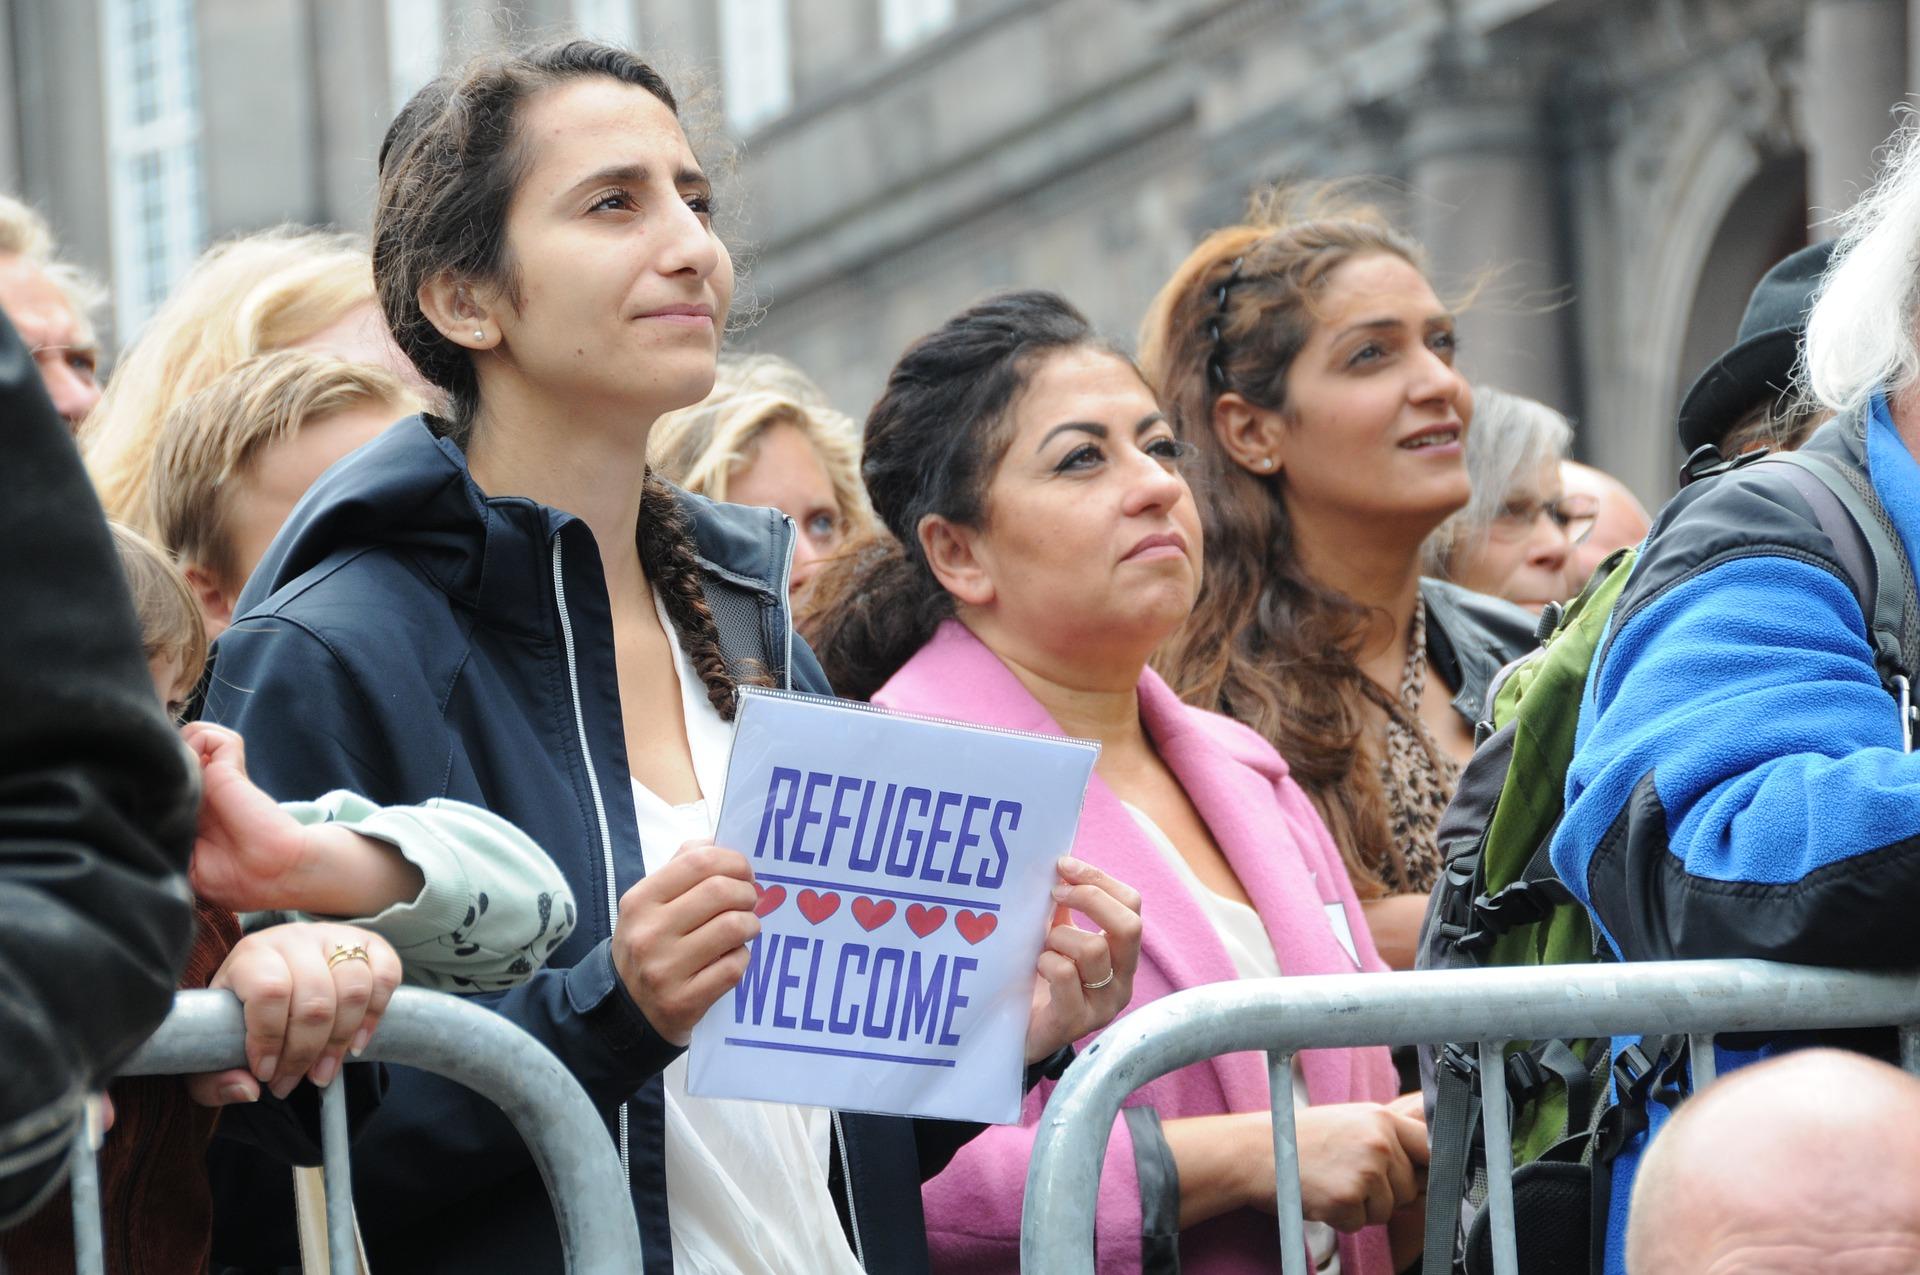 難民への支援を検討しているのなら